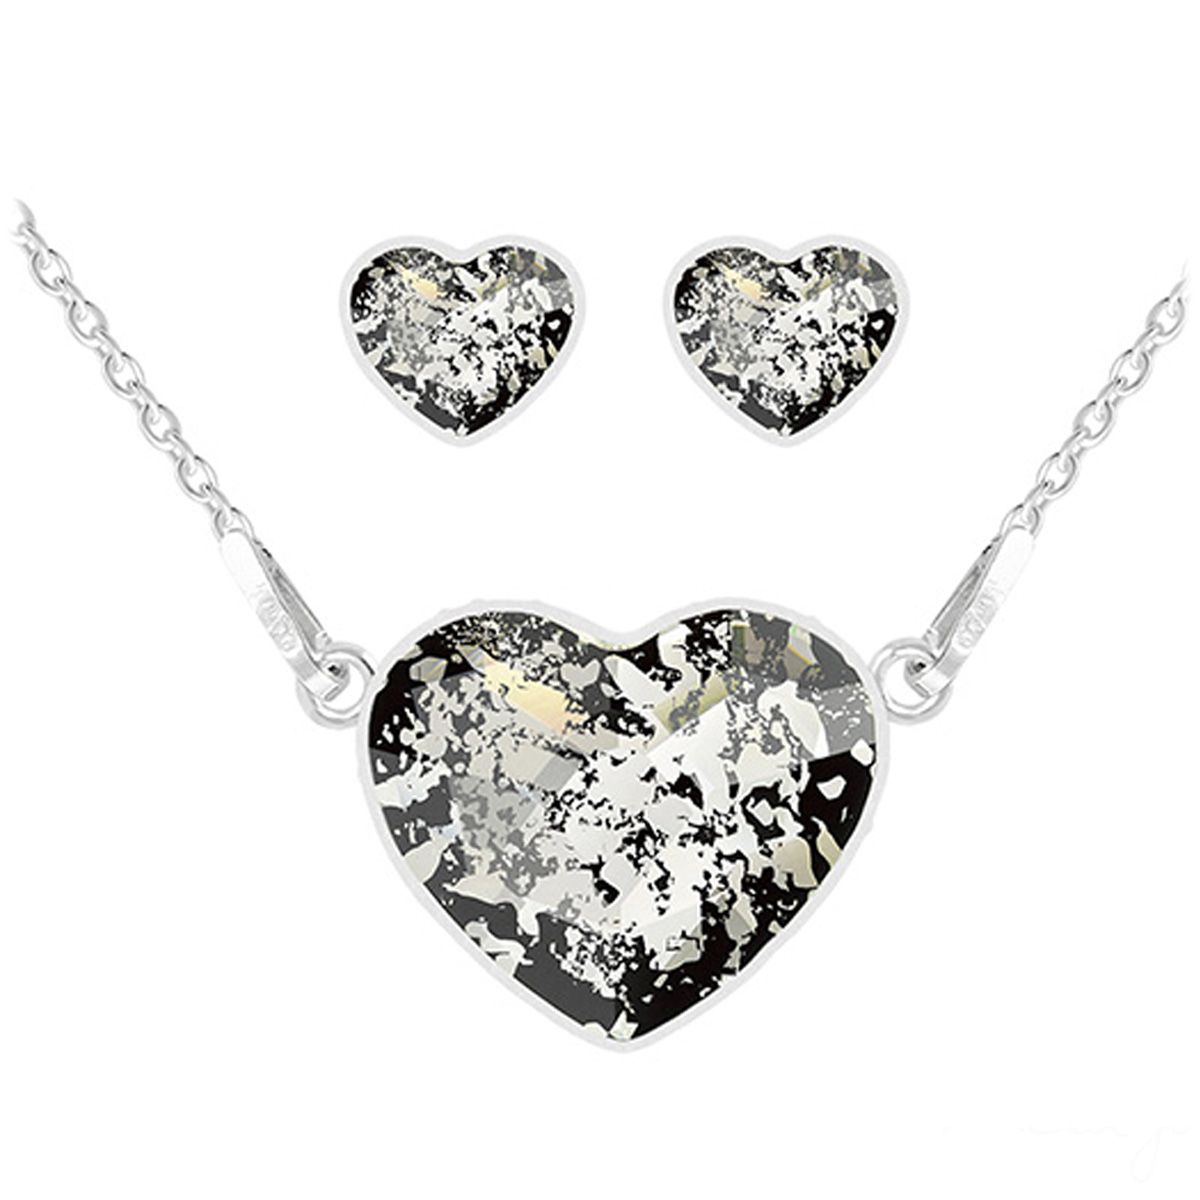 Parure argent artisanales \'Love\' noir patiné argenté (collier et boucles) - 15x13 mm - [Q4276]